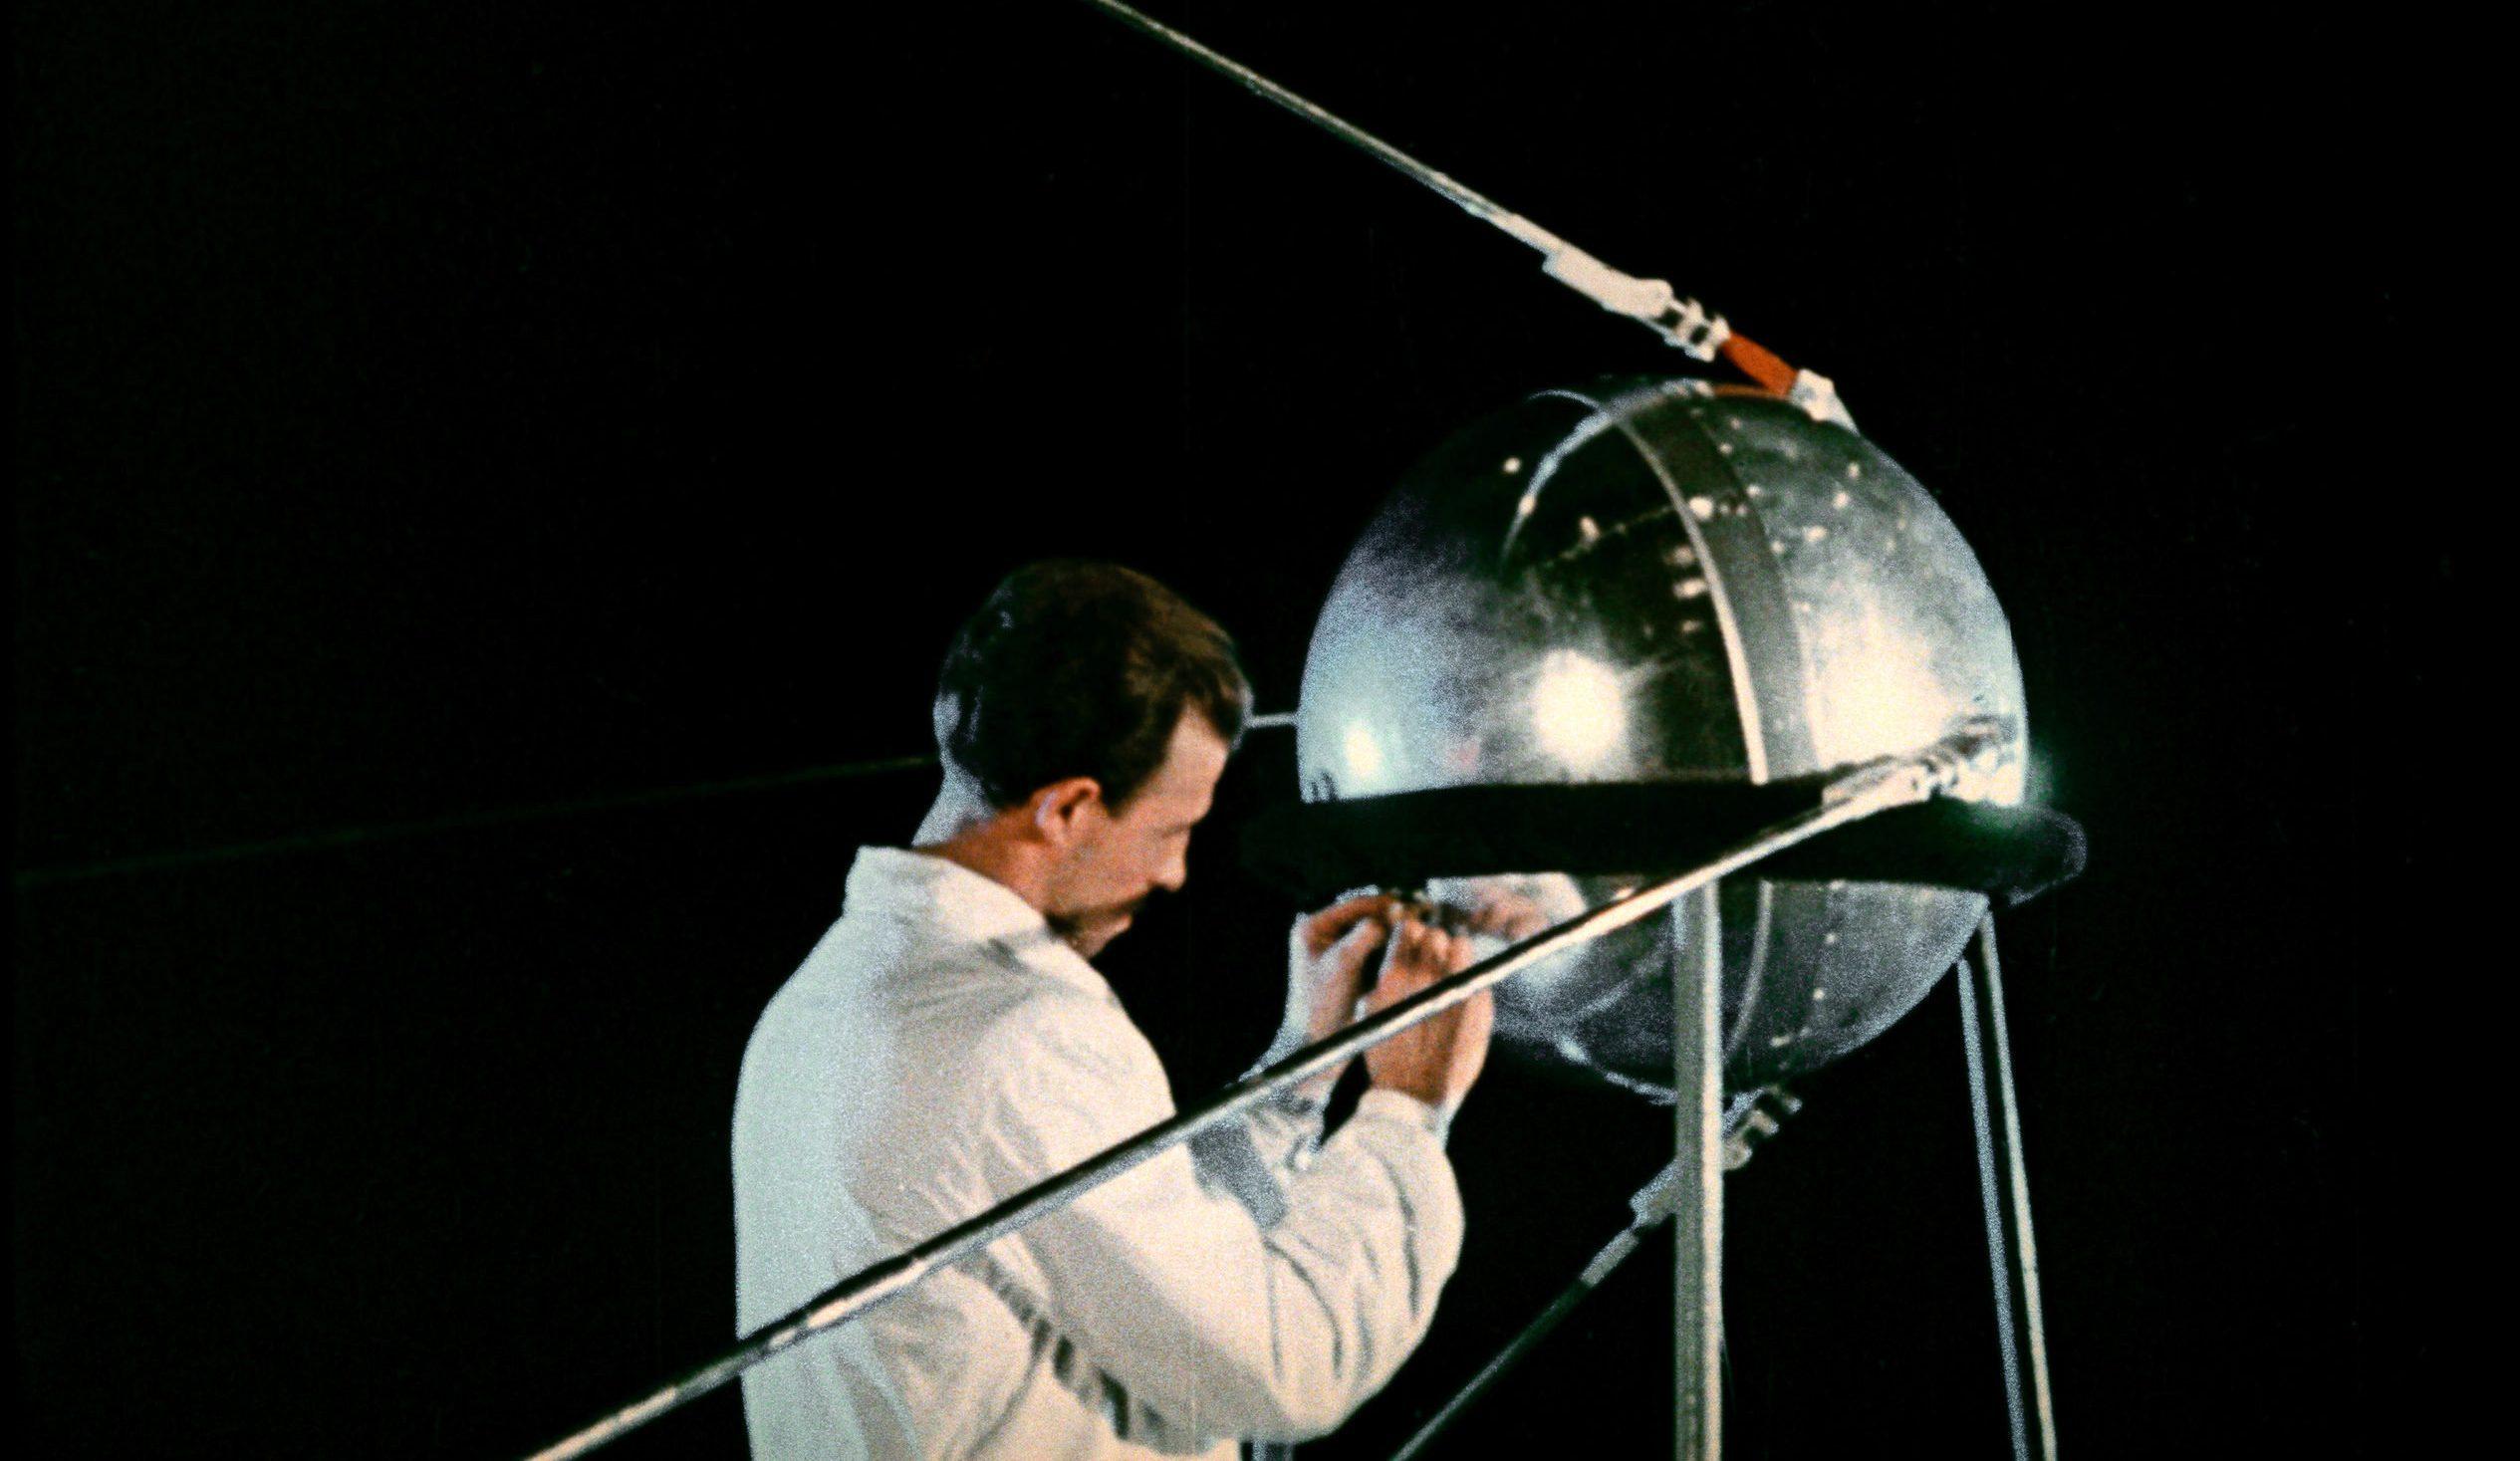 El primer satélite artificial: Sputnik 1 – Sólo es Ciencia